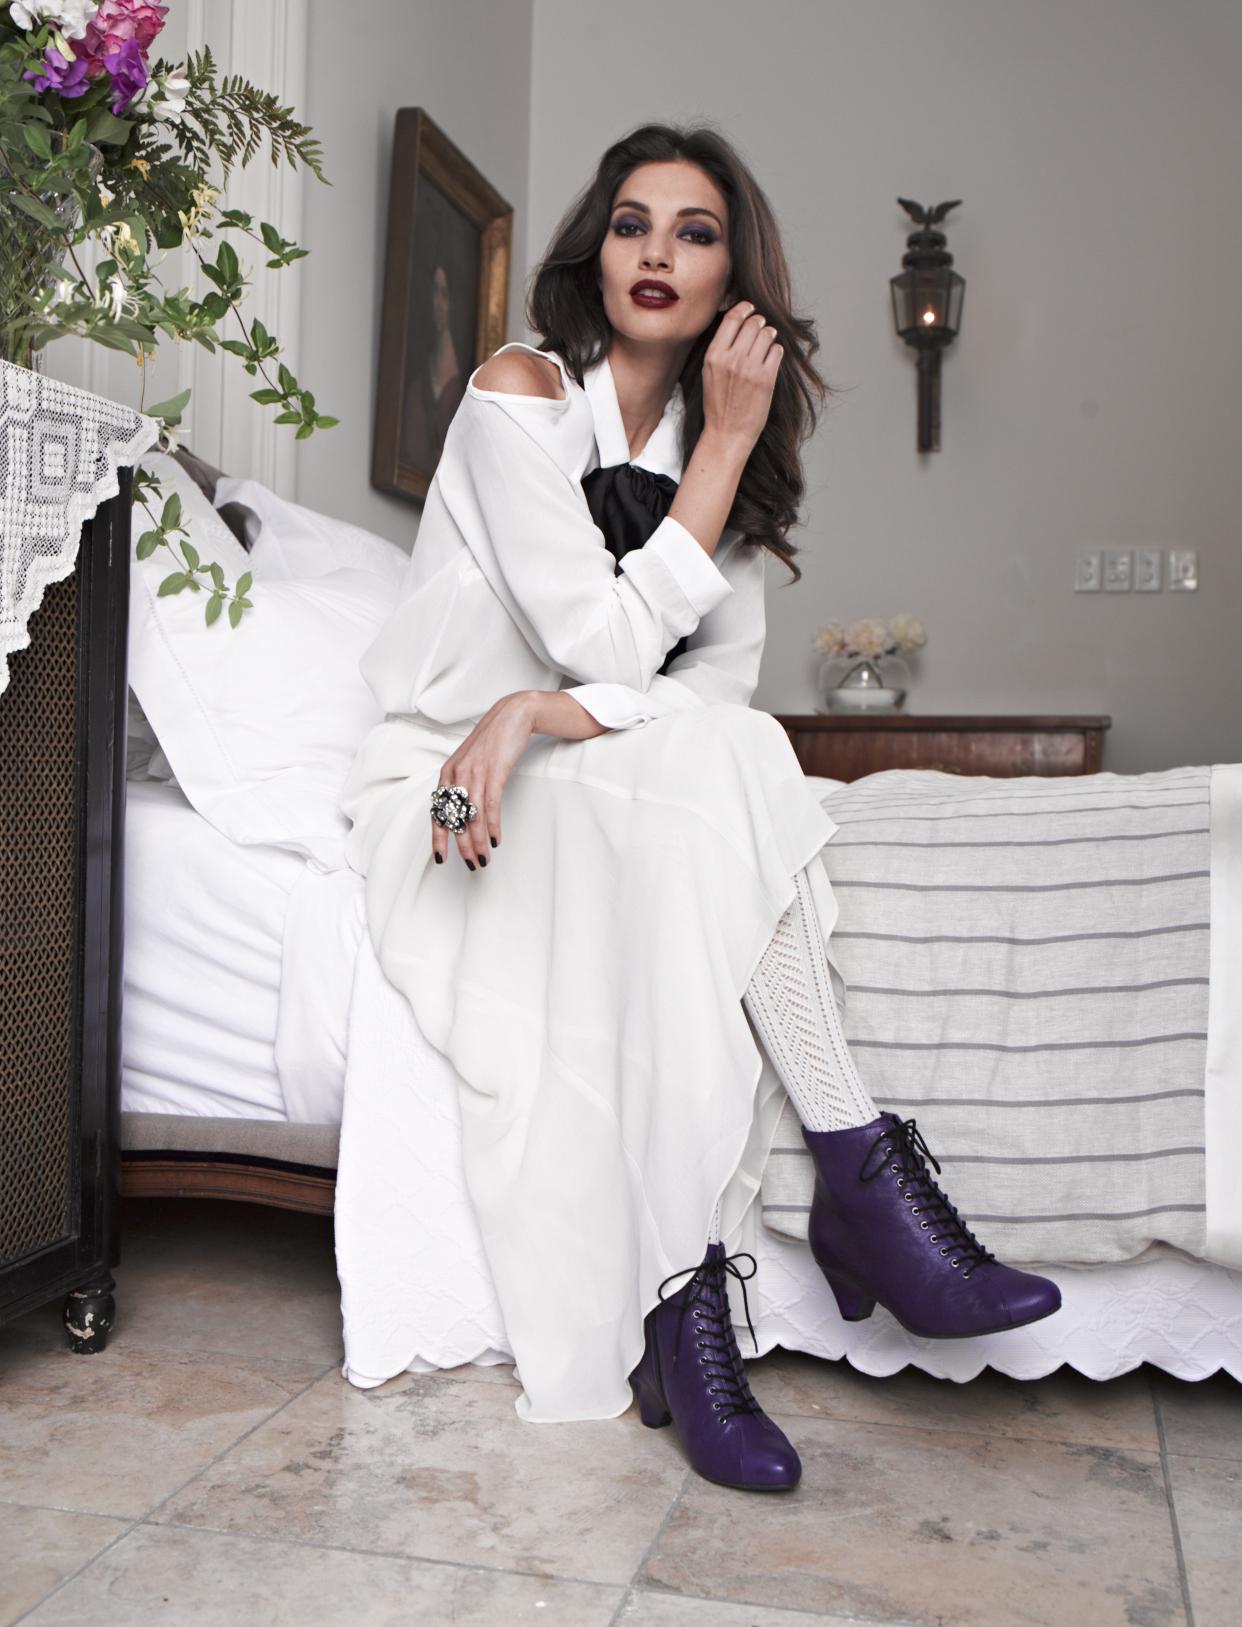 Revue-purple-139.jpg